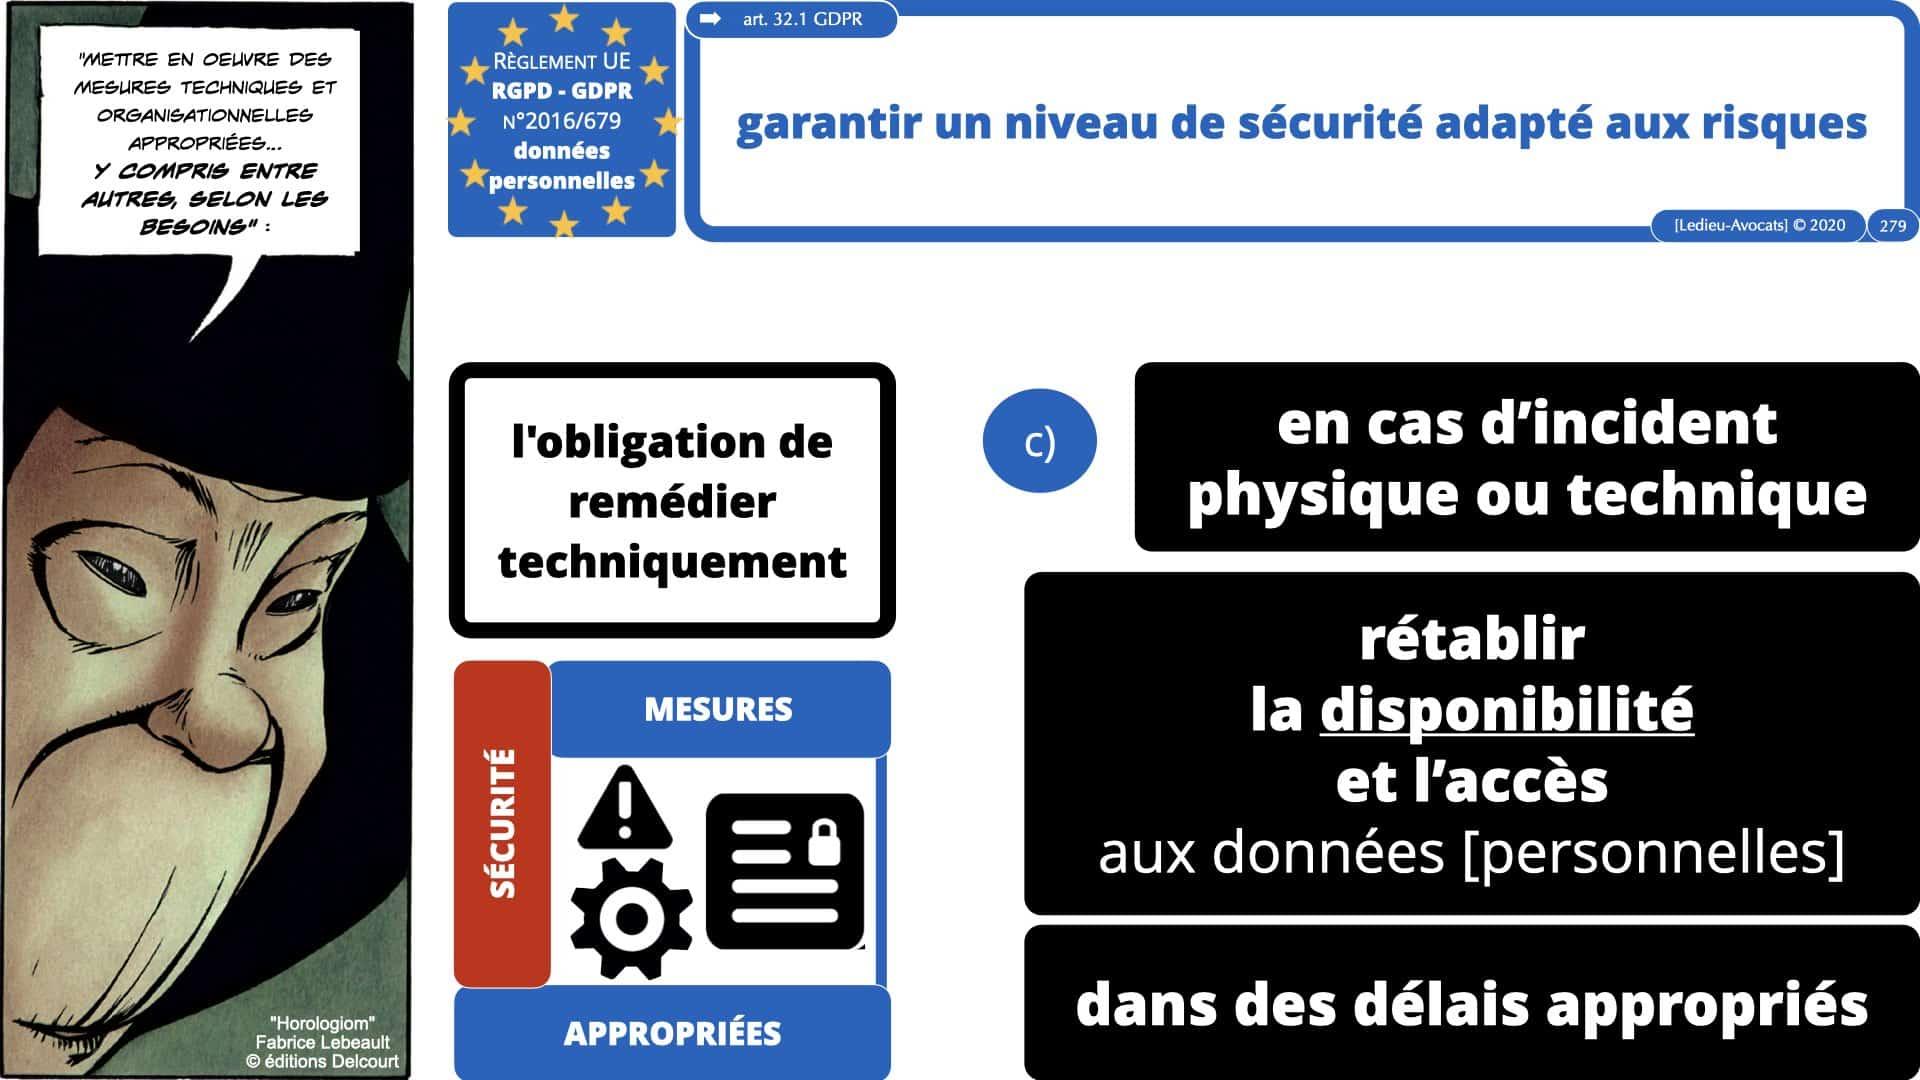 RGPD e-Privacy données personnelles jurisprudence formation Lamy Les Echos 10-02-2021 ©Ledieu-Avocats.279